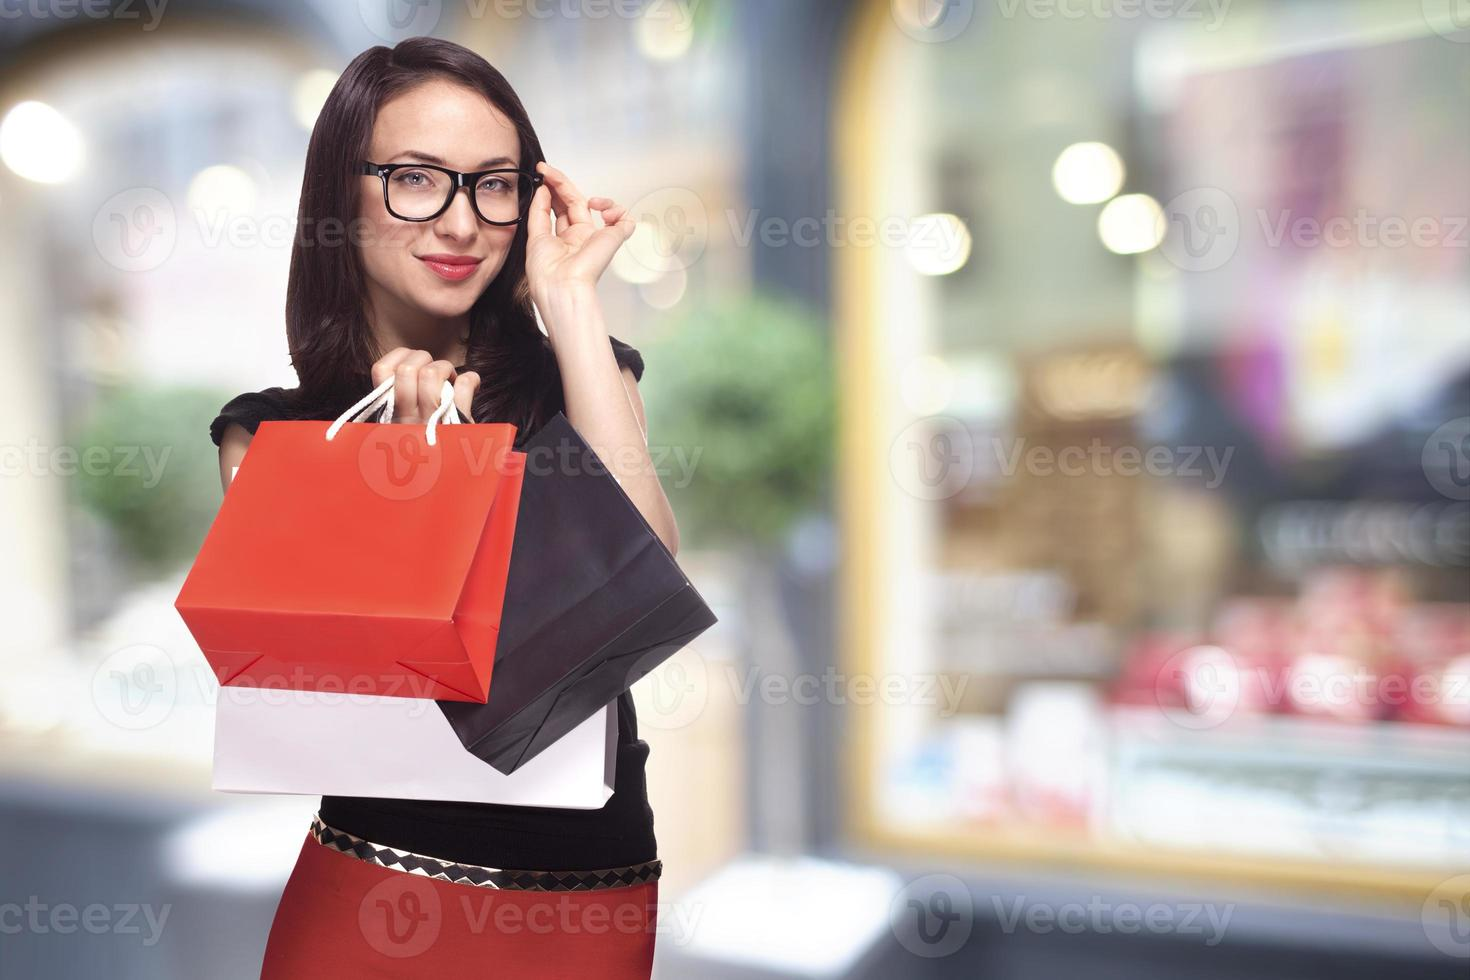 vrouw in glazen winkelen foto